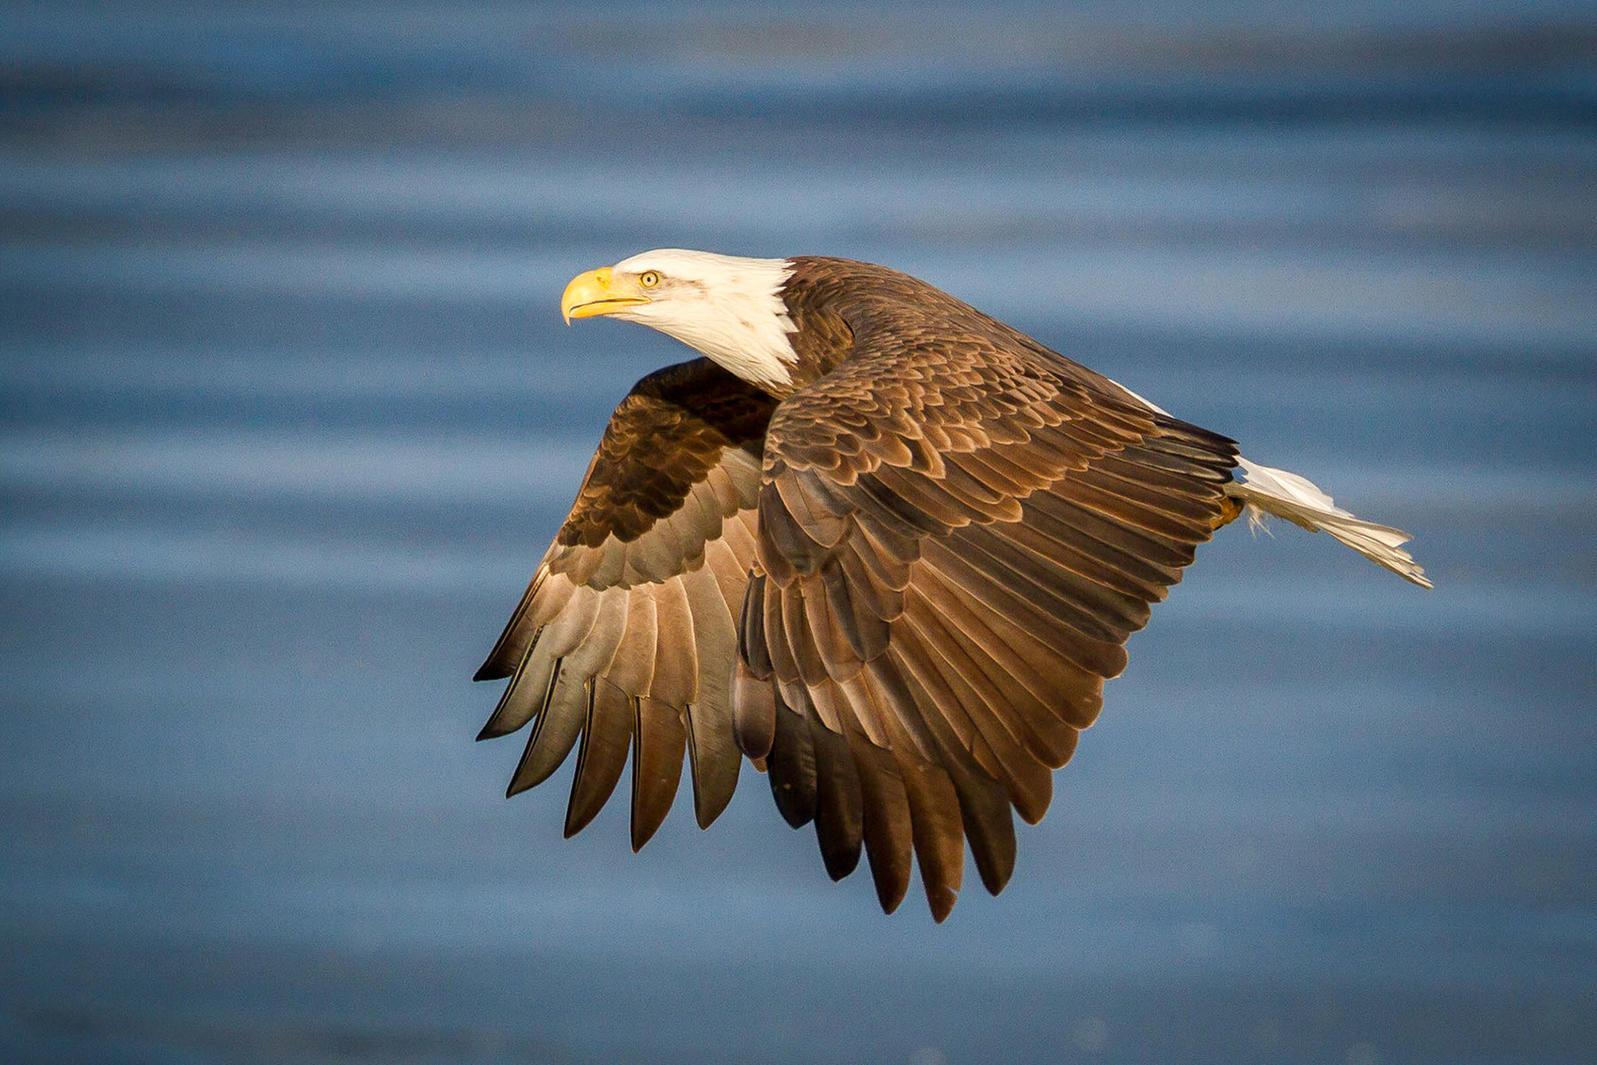 Bald Eagle. Ramkumar Subramanian/Audubon Photography Awards